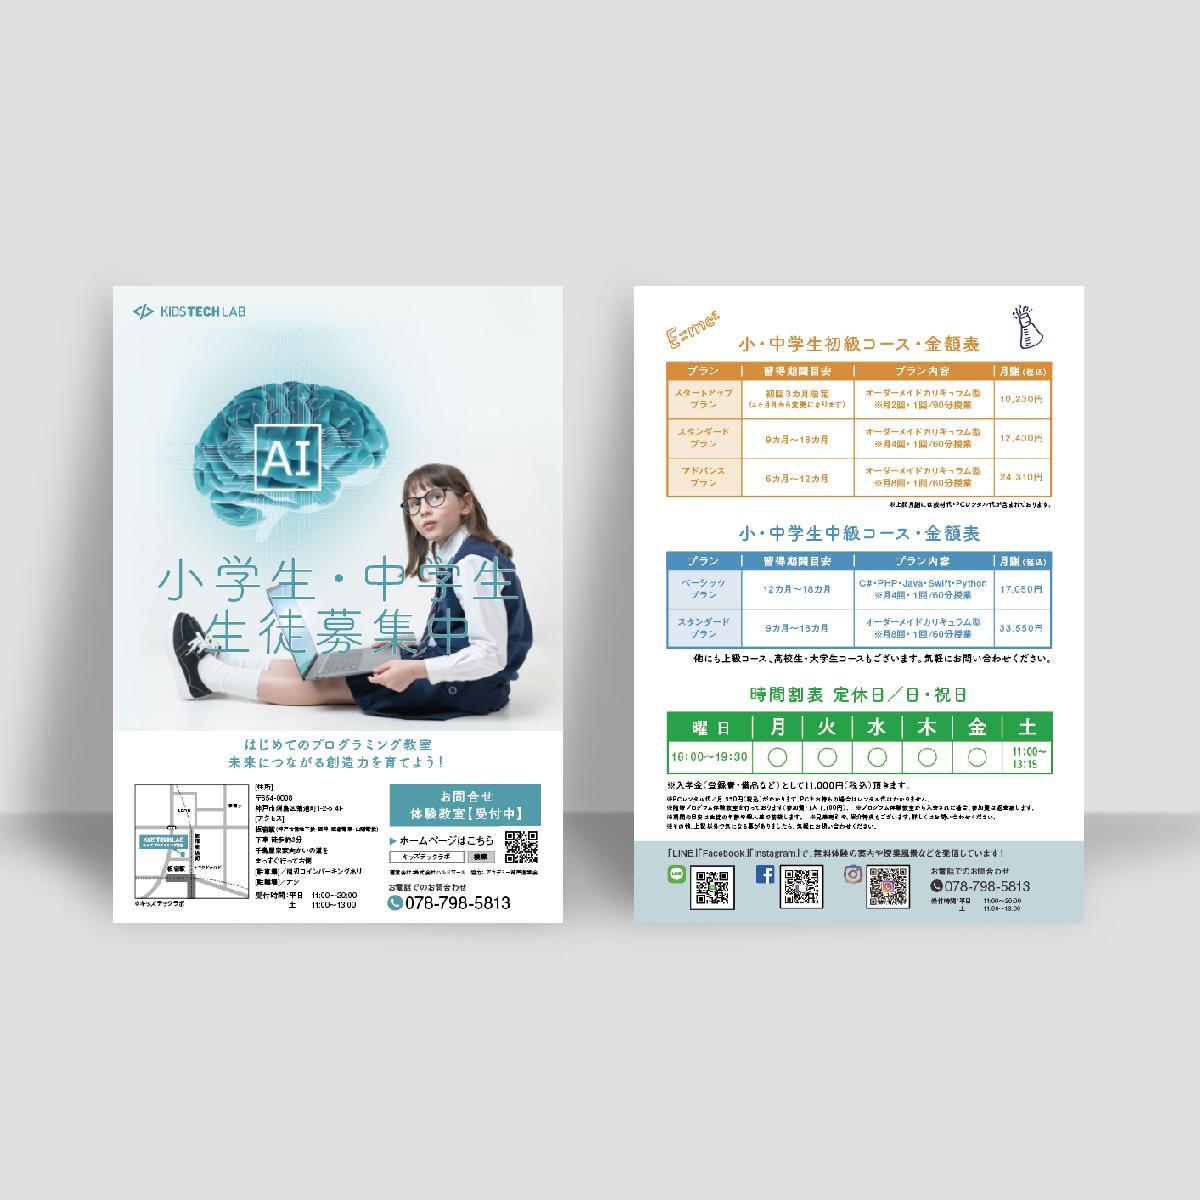 身近なツールだから、デザインで情報を整理します 目的・伝えたい事・雰囲気をデザインで1枚の紙に表現 イメージ1